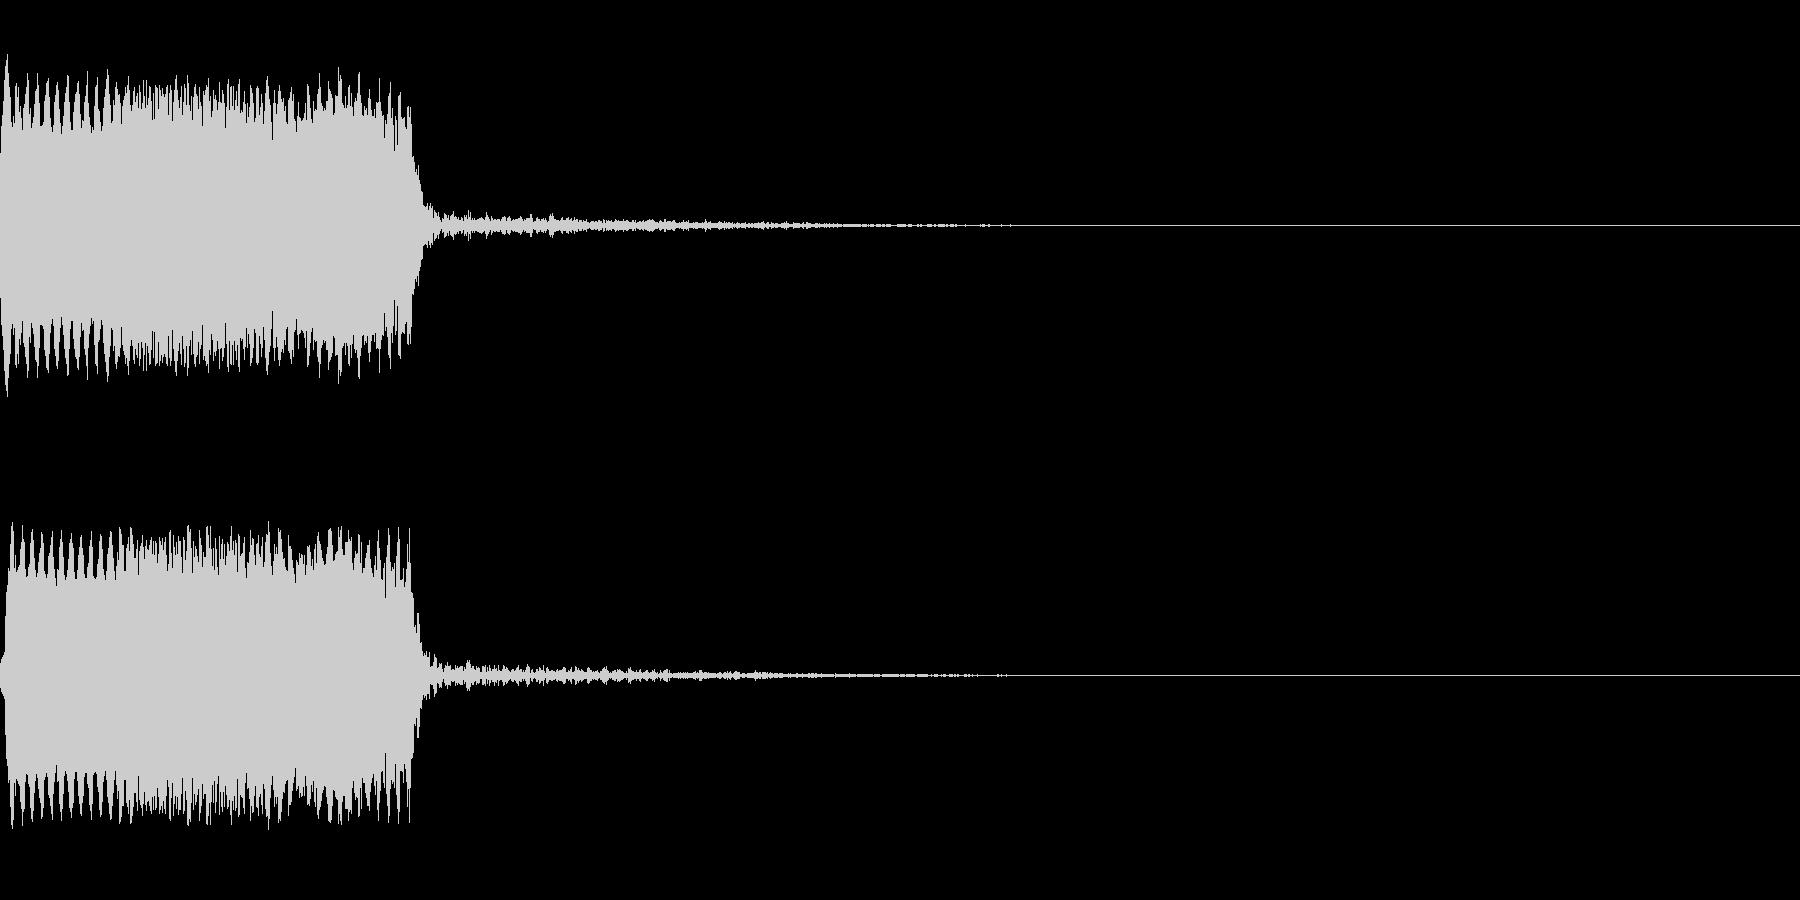 攻撃音08(ビーム)の未再生の波形